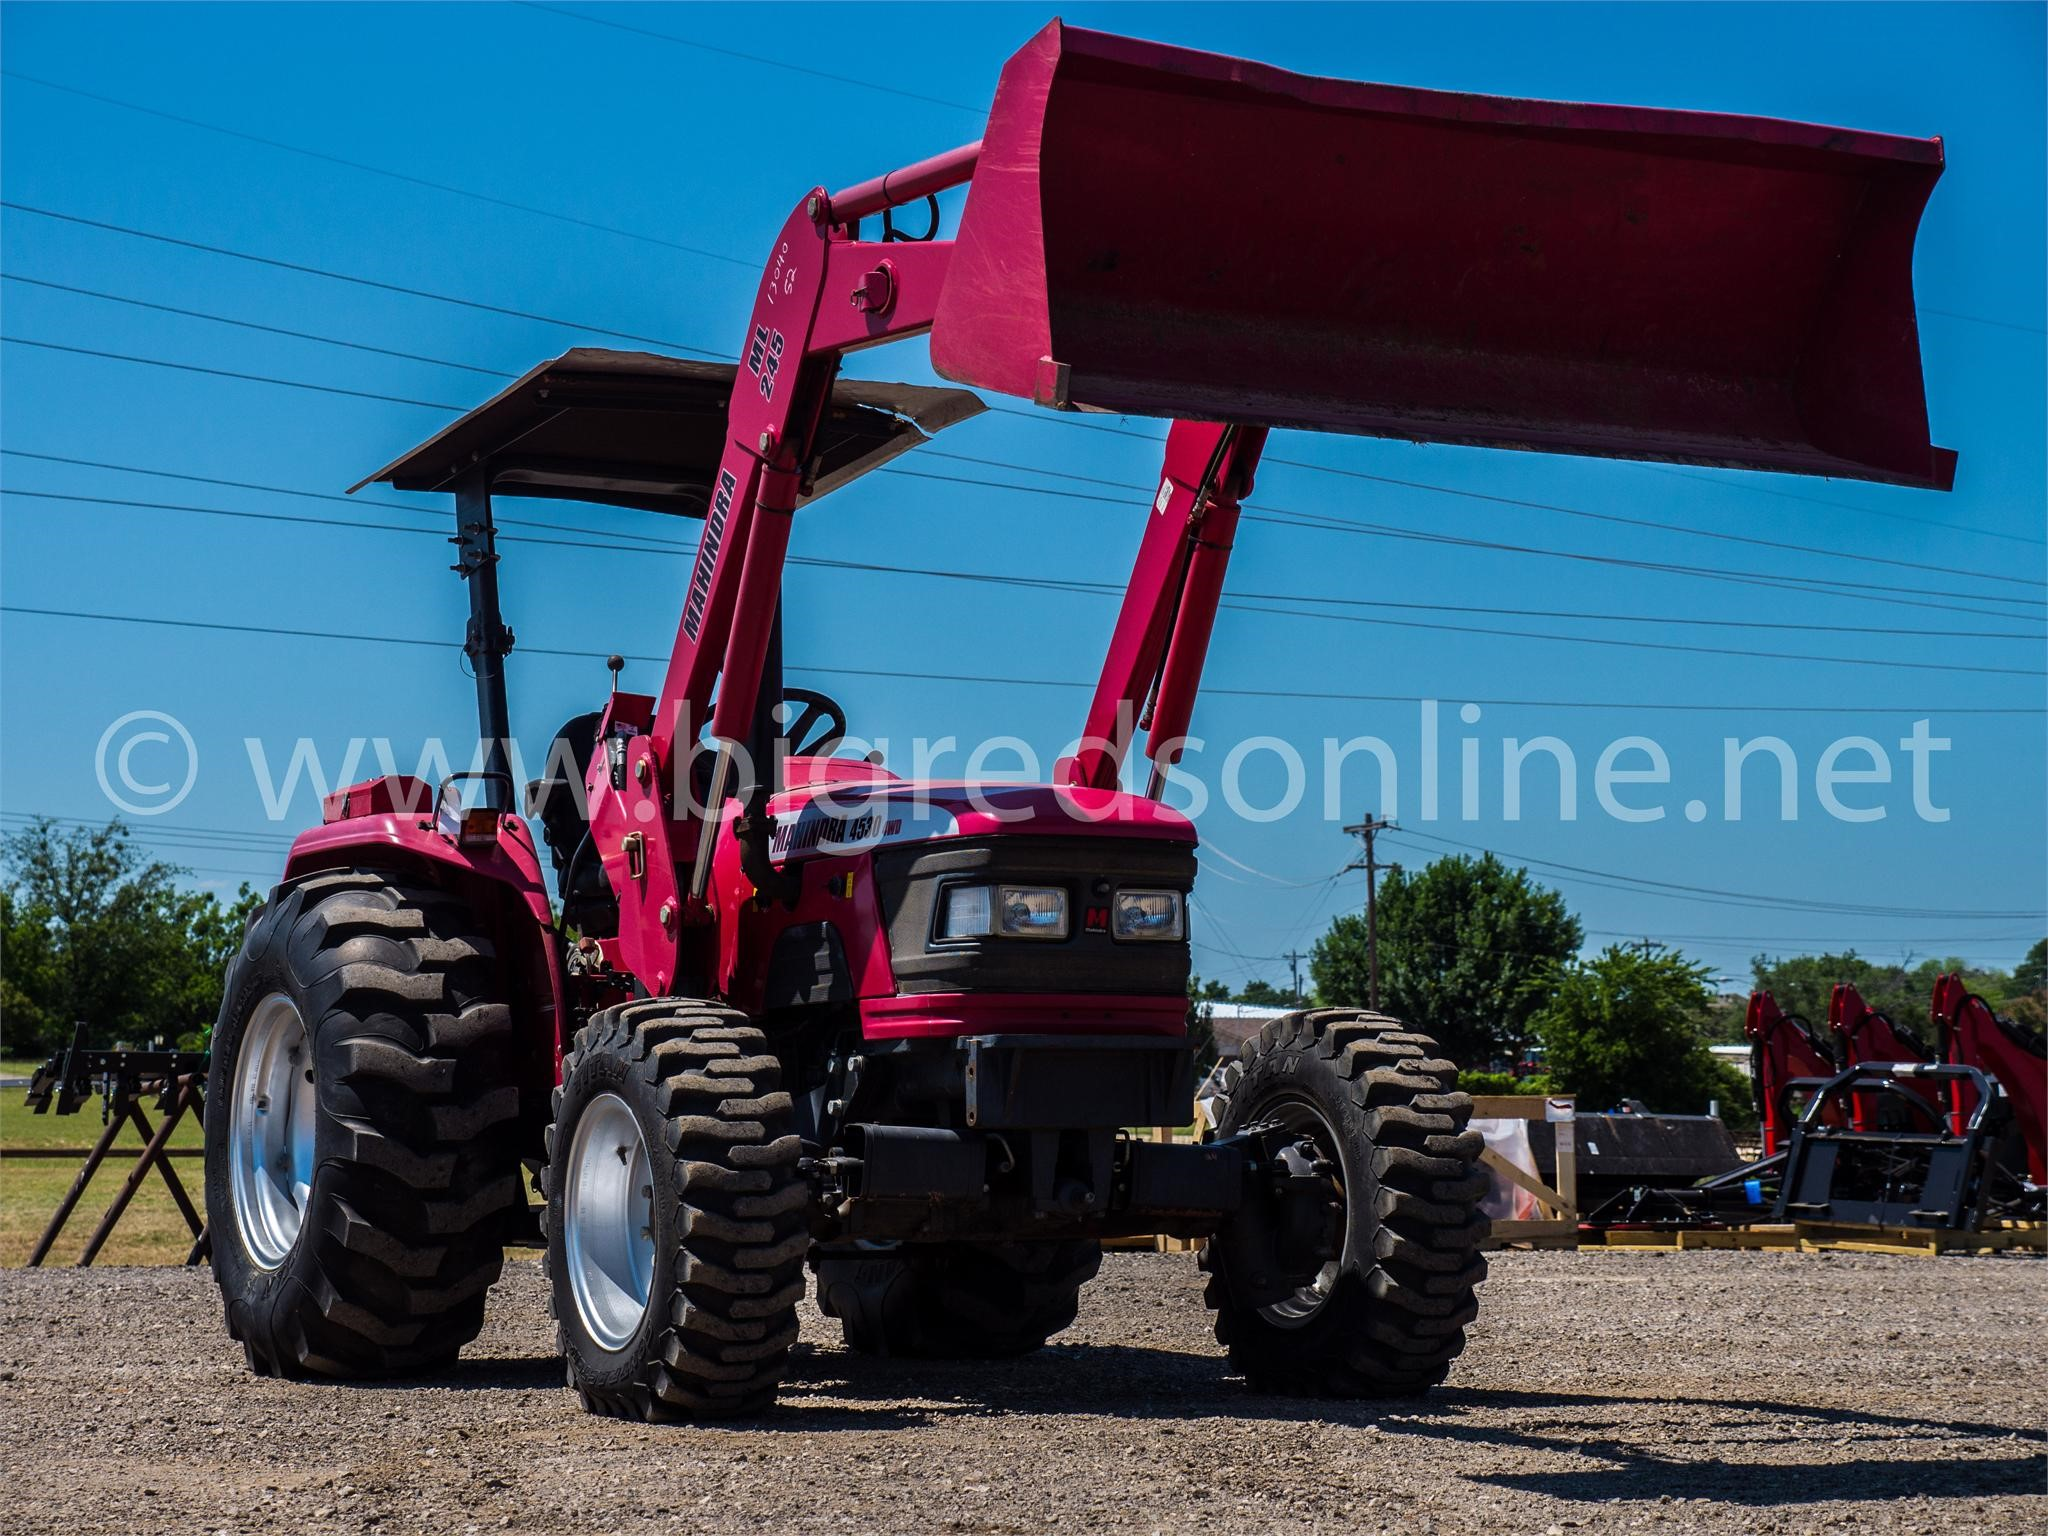 2008 MAHINDRA 4530 40-99 HP Tractor